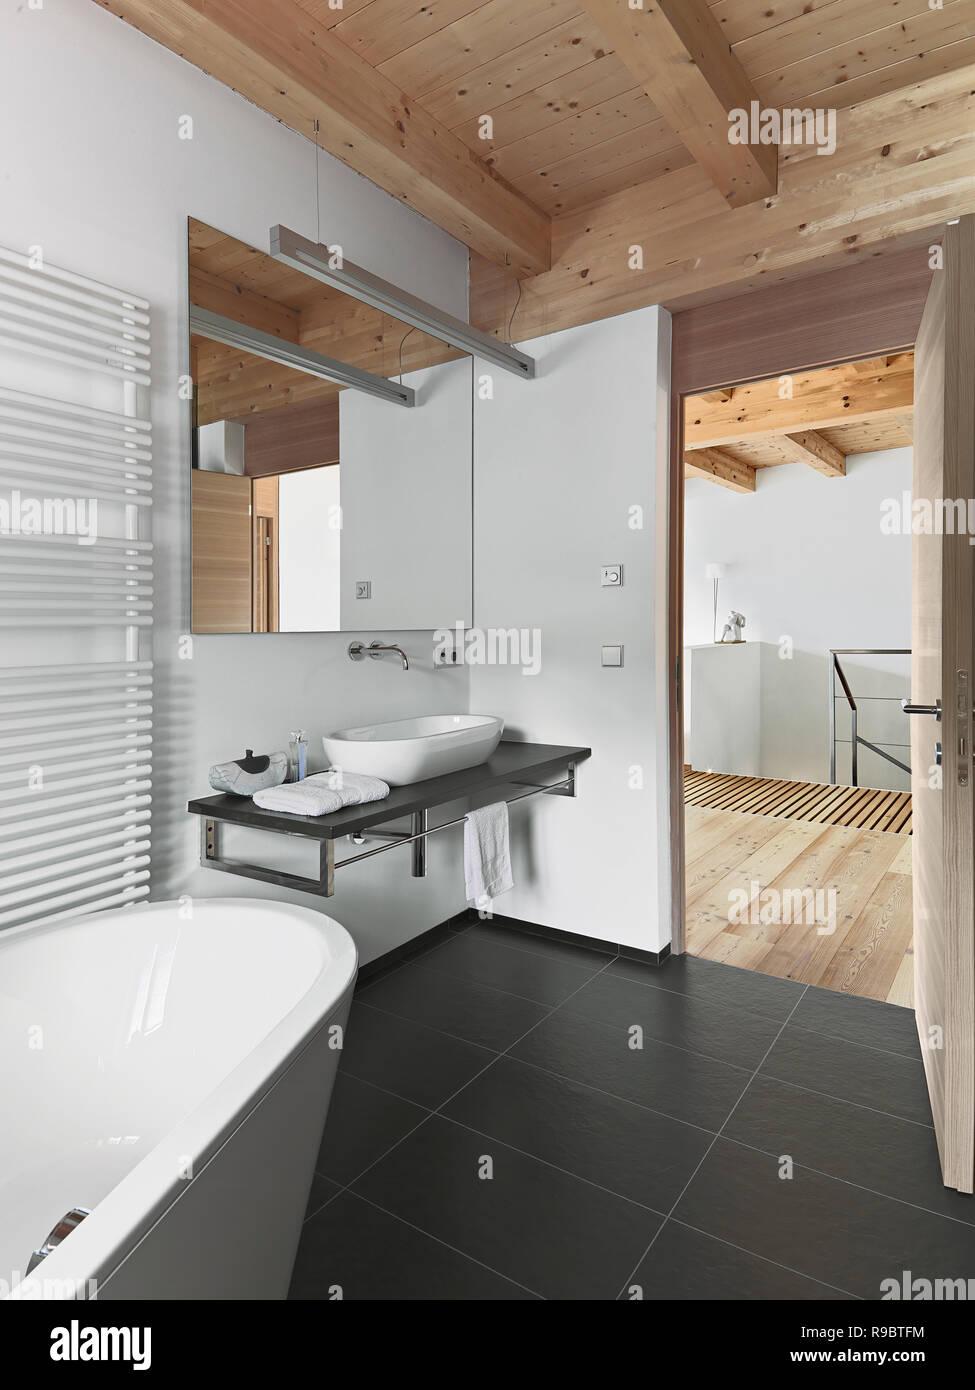 Interieur Aufnahmen von einem modernen Bad mit Holzdecke im ...